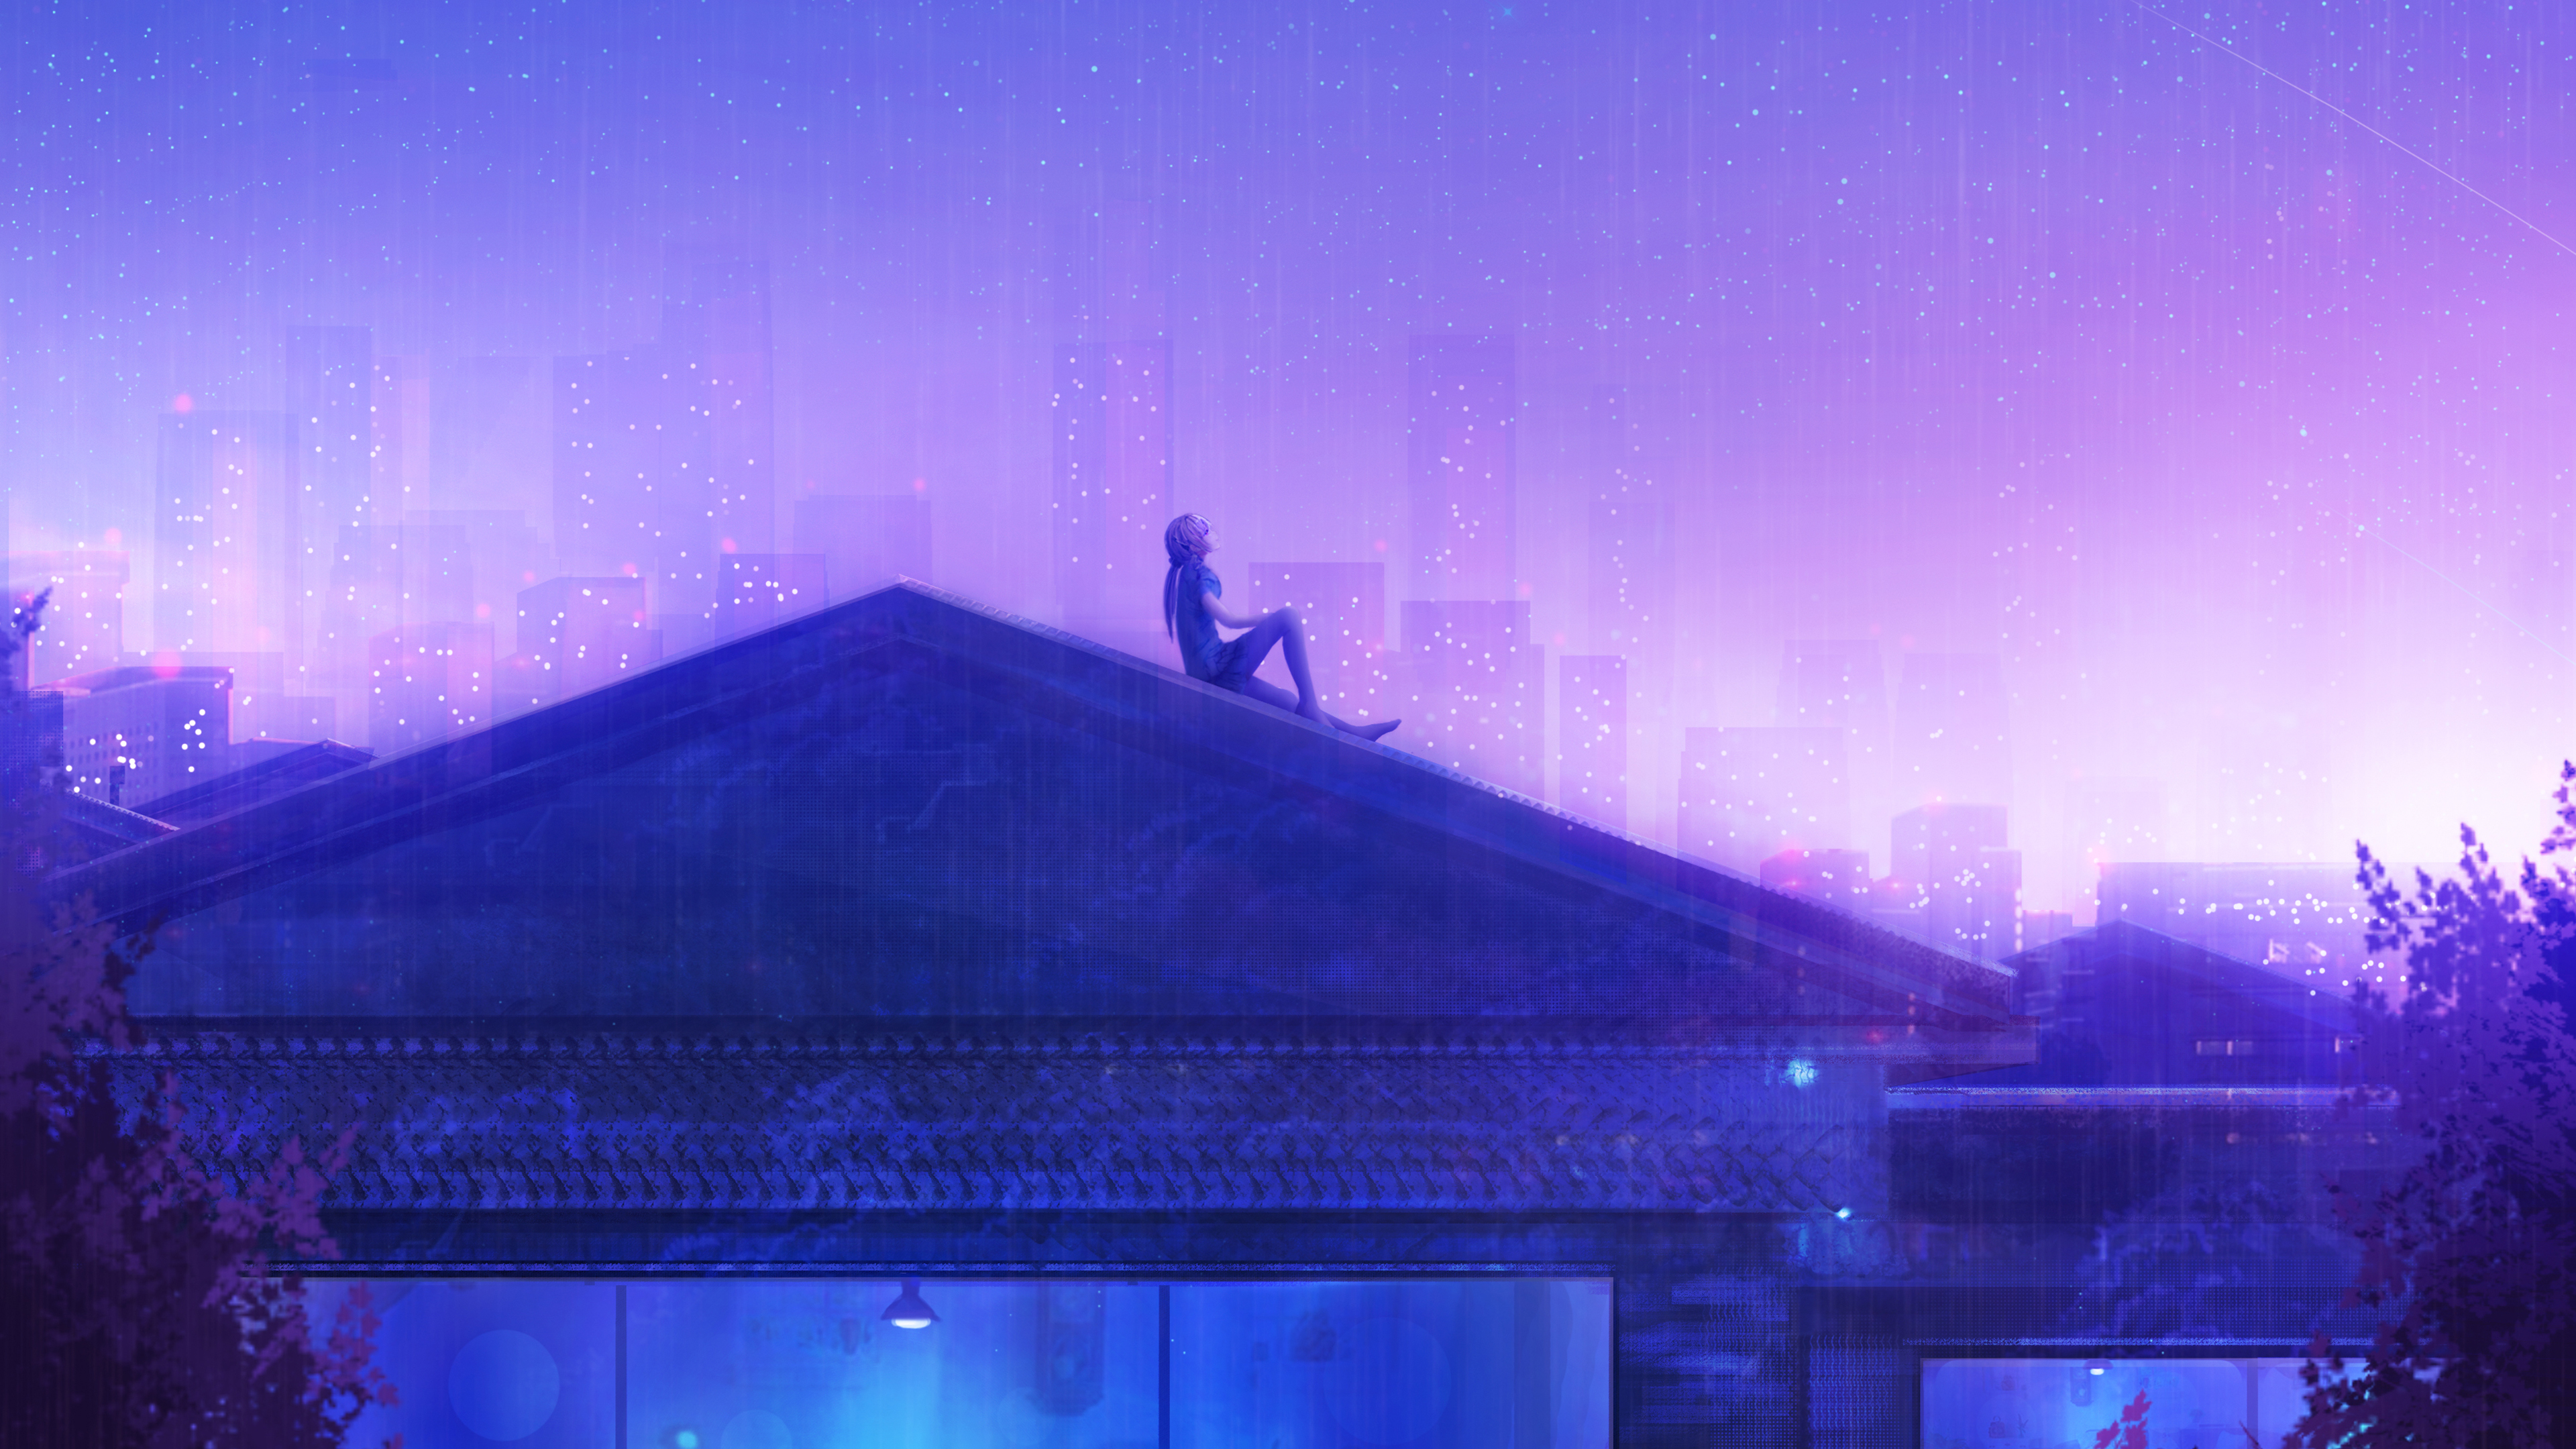 Подсчет звезд девчушки фиолетовое небо мечты обои скачать